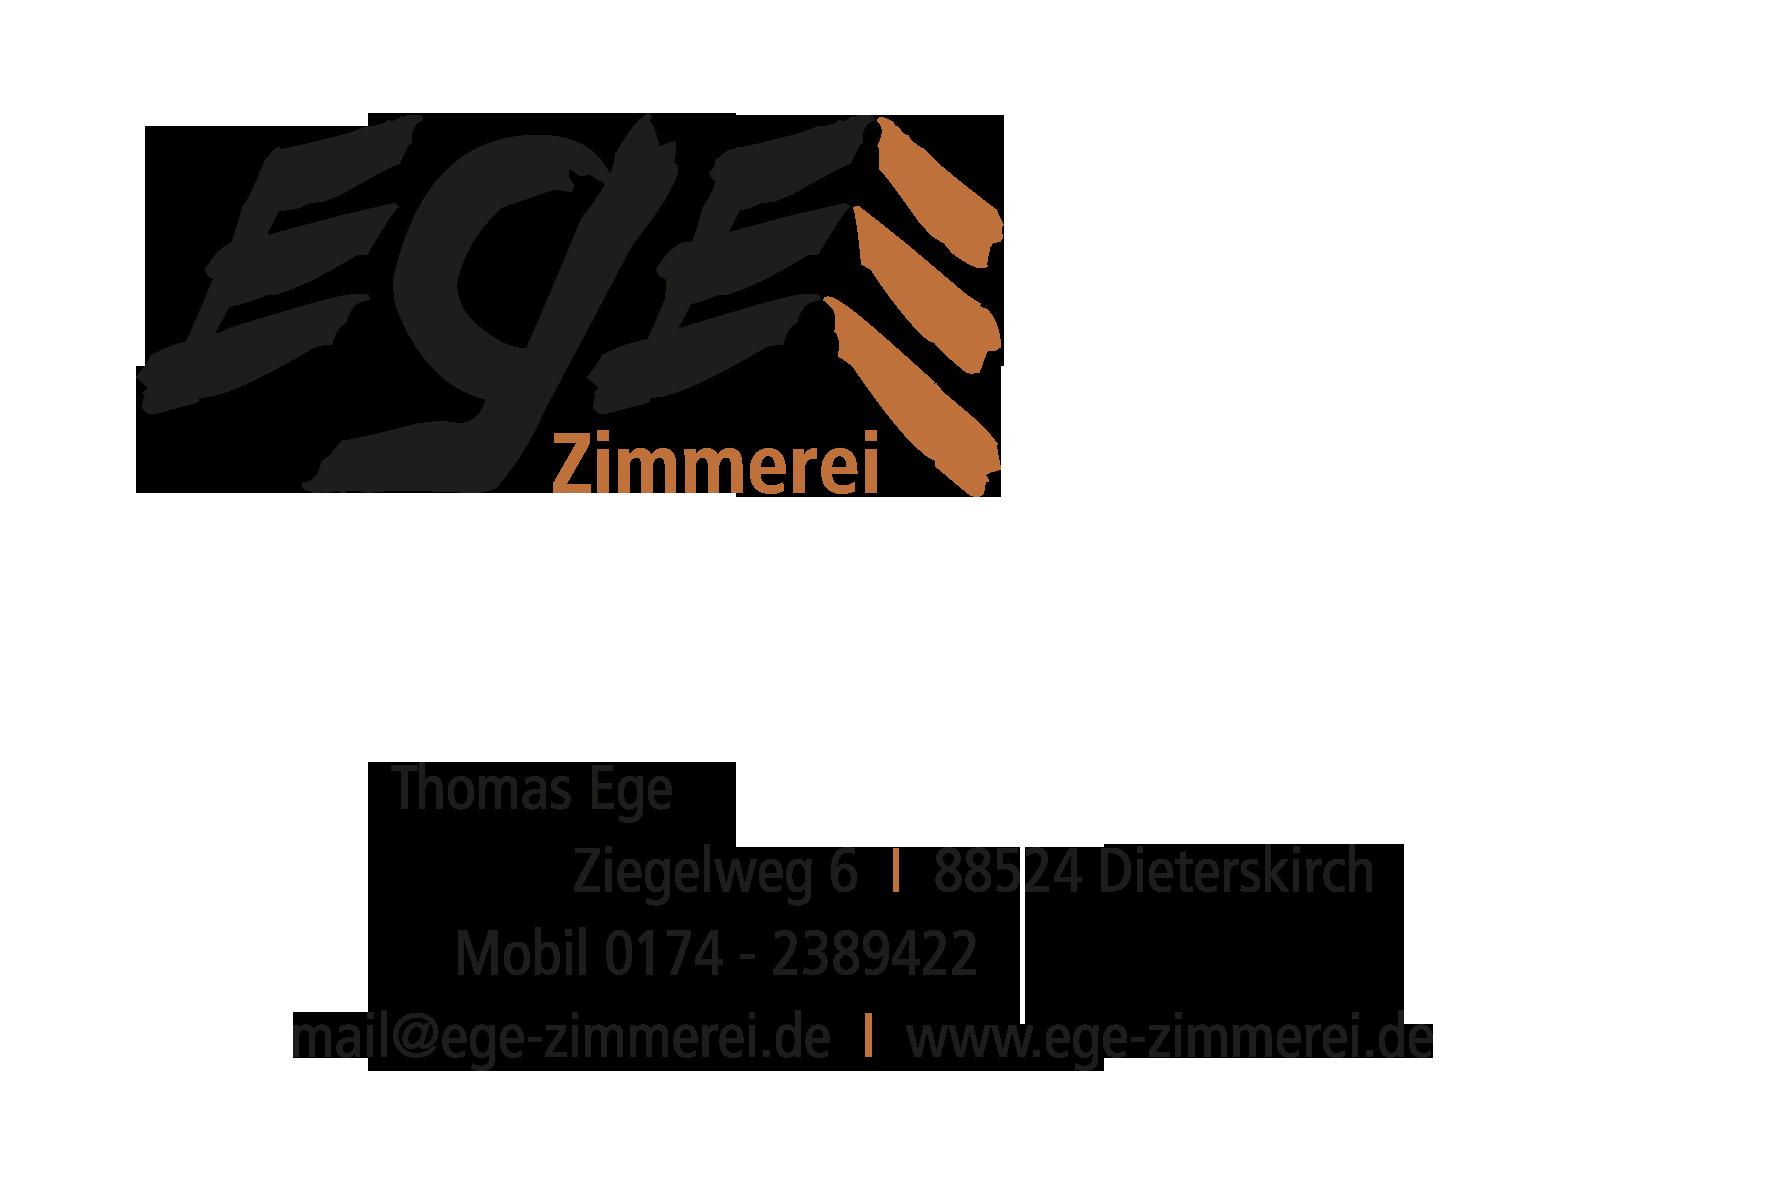 EGE Zimmerei | Thomas Ege | Ziegelweg 6 | 88524 Dieterskirch